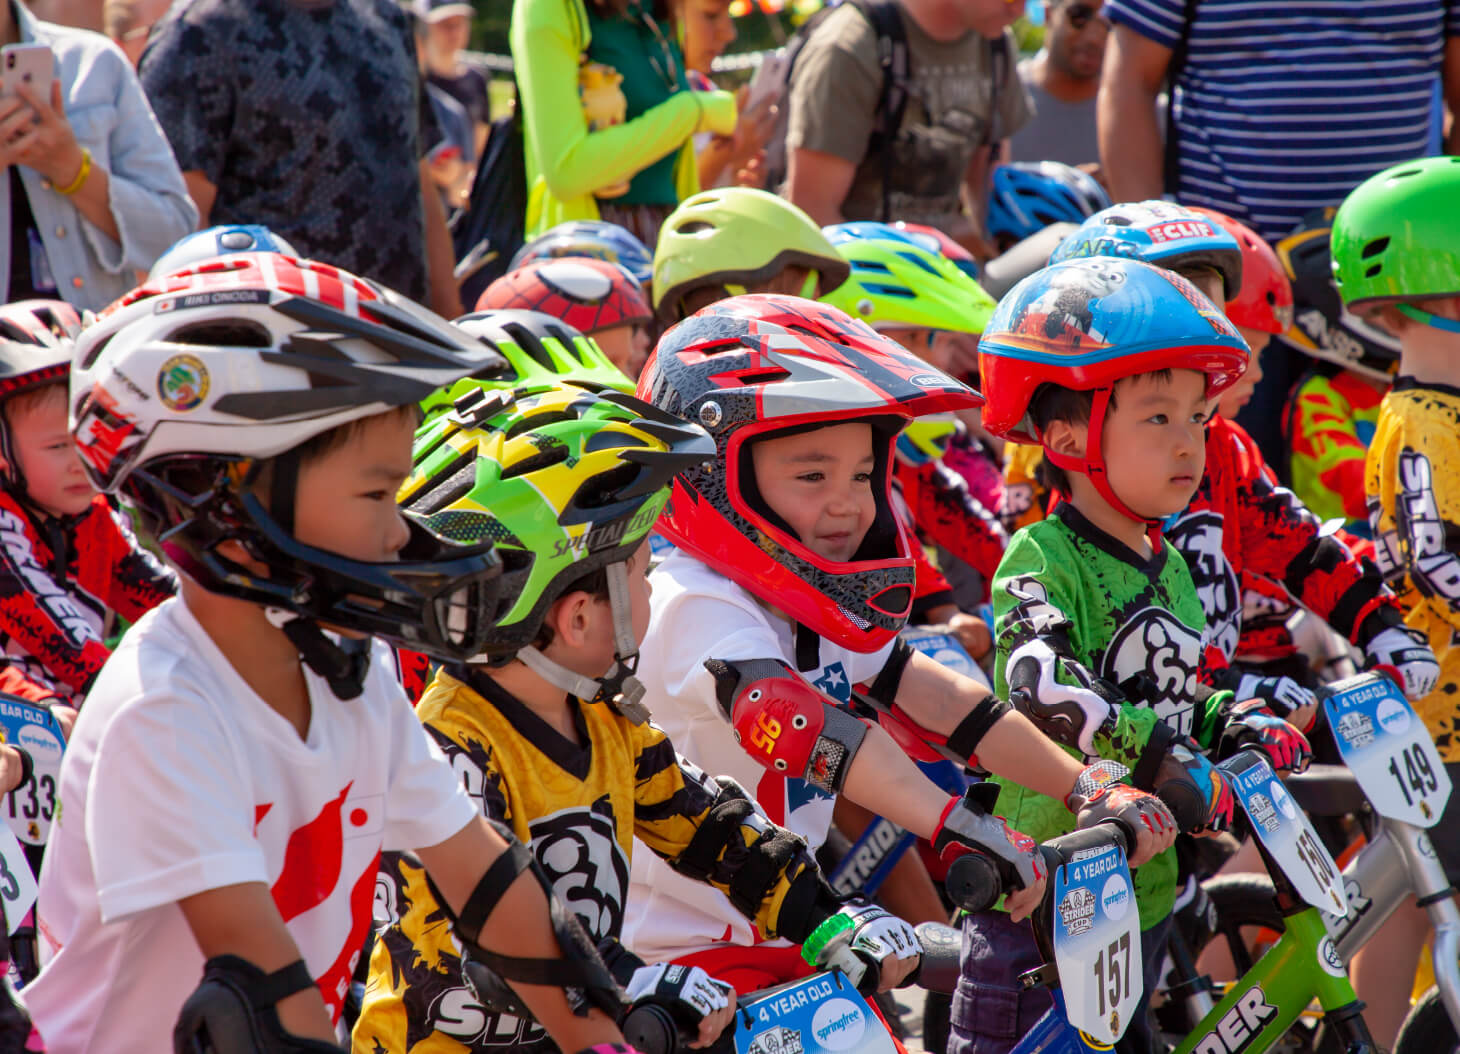 , Strider Racing, Strider Balance Bikes